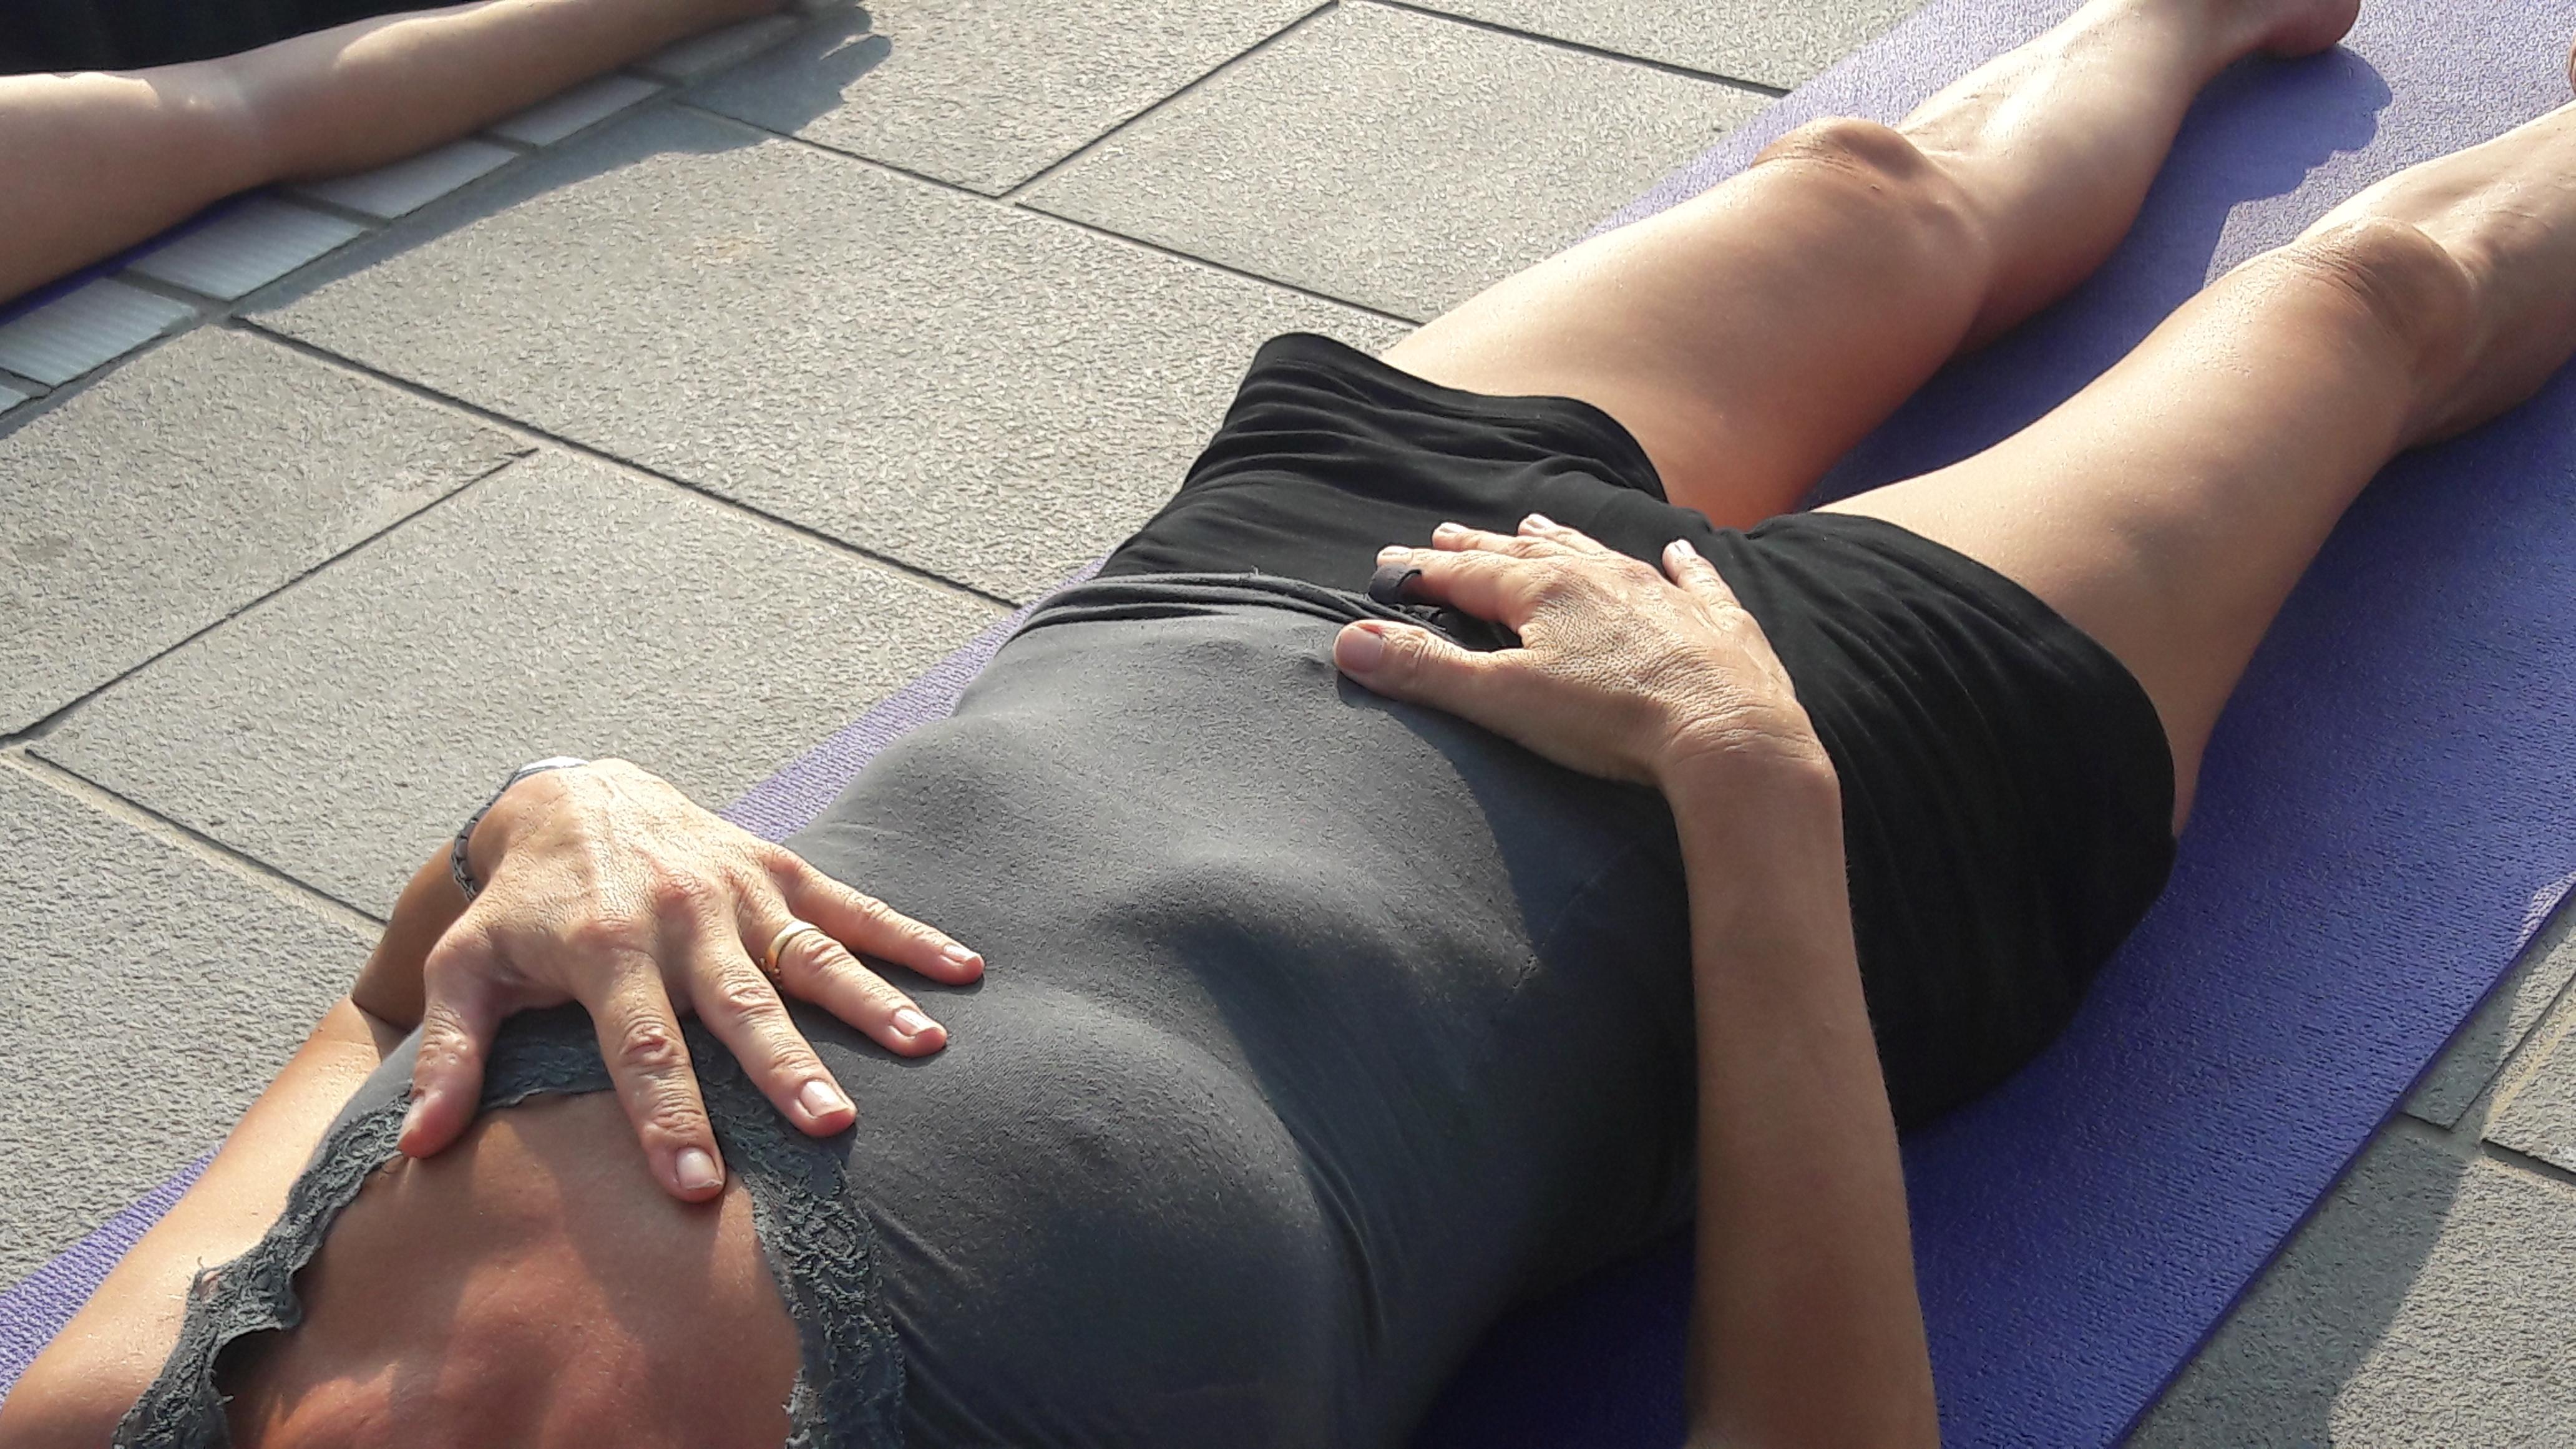 essere-free-yoga-gratuito-benessere-per-tutti-village-citta-alassio-estate-lucia-ragazzi-summer-town-wellness-033